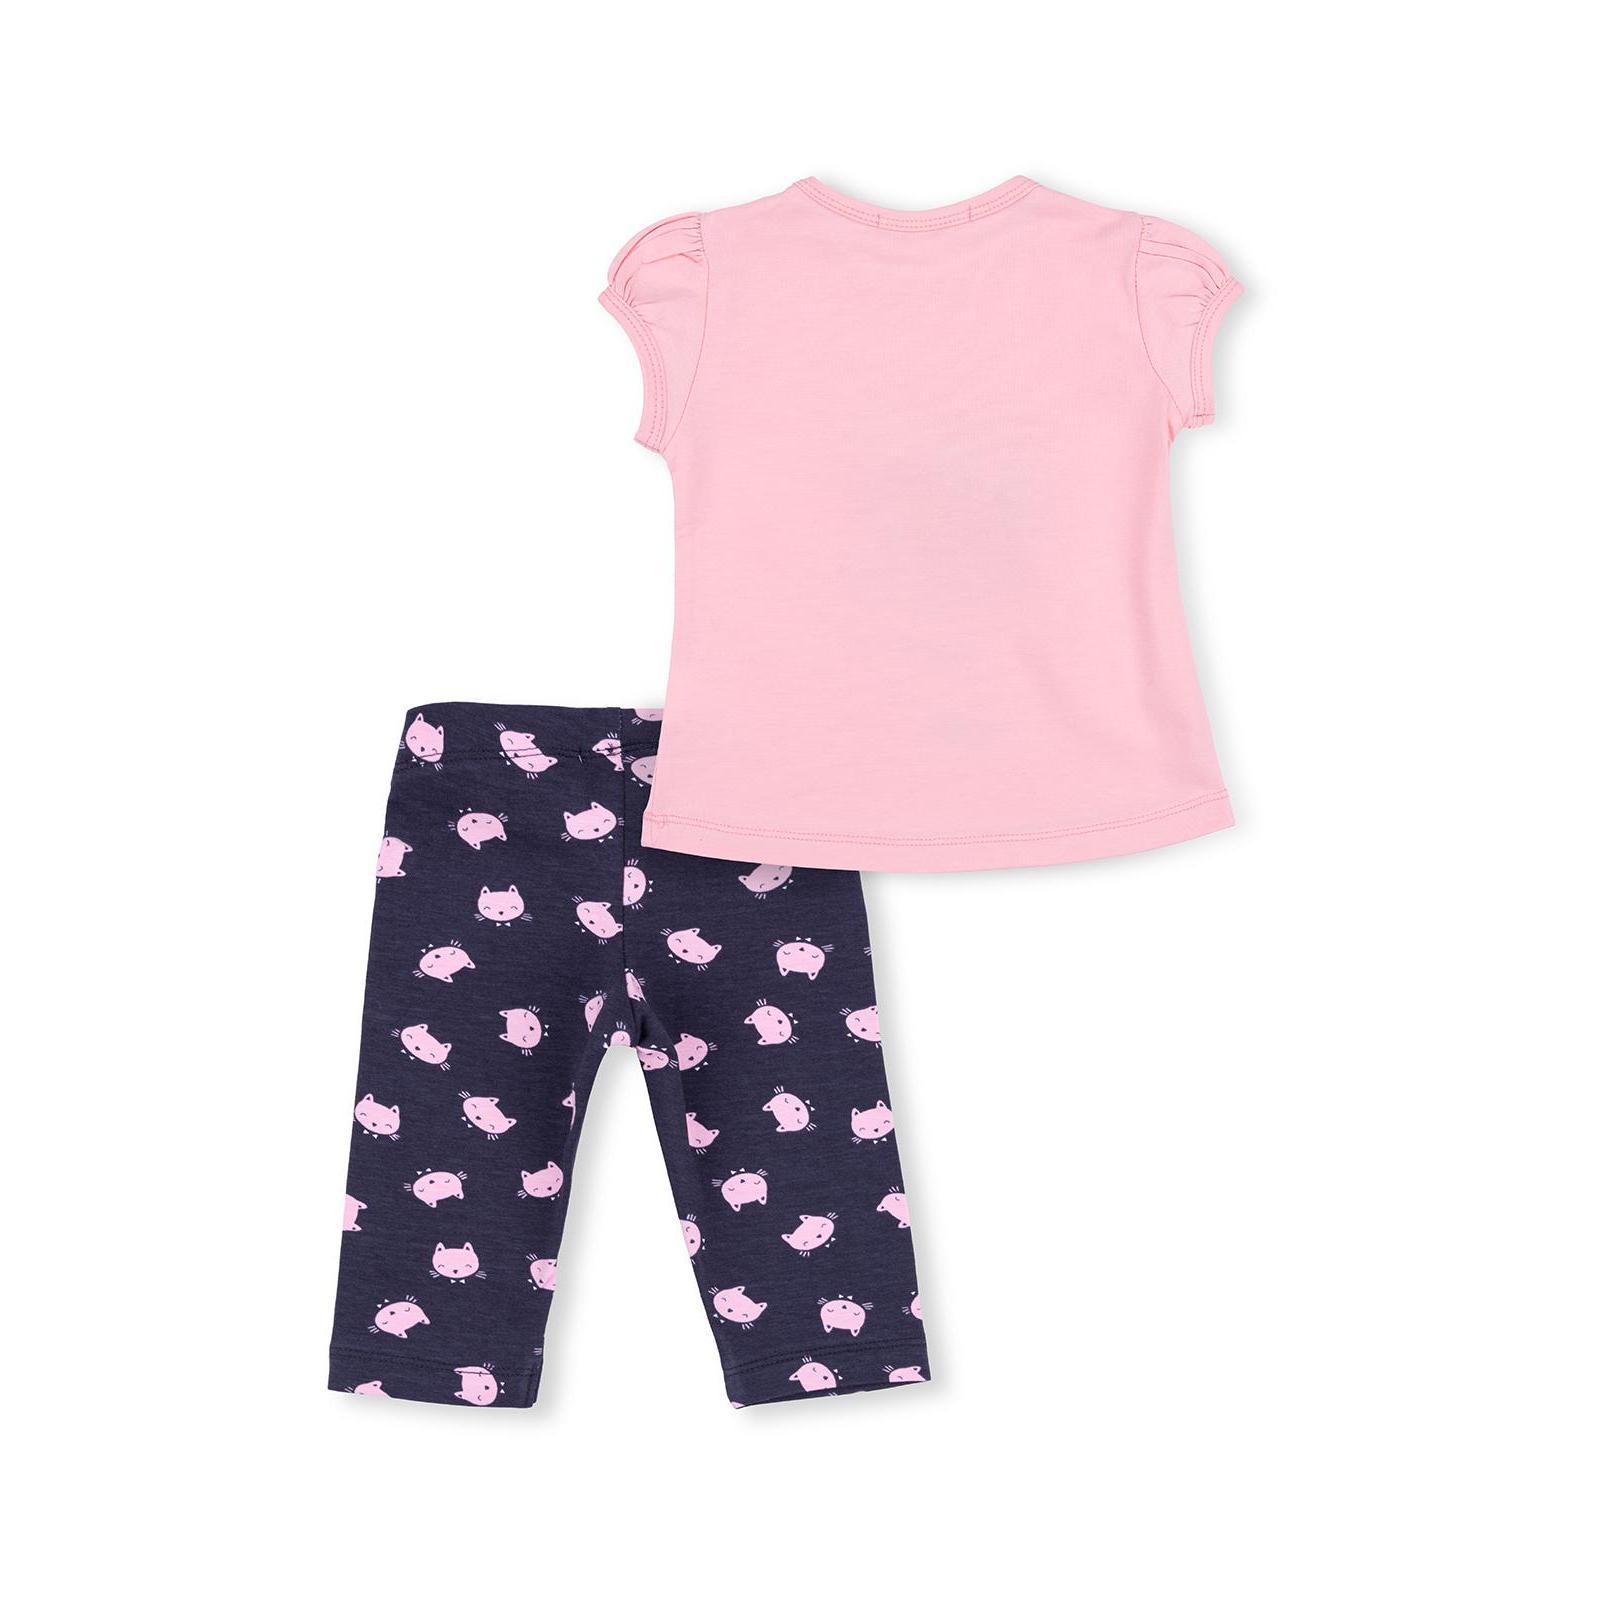 Набор детской одежды Breeze с котиками (7493-98G-pink) изображение 4